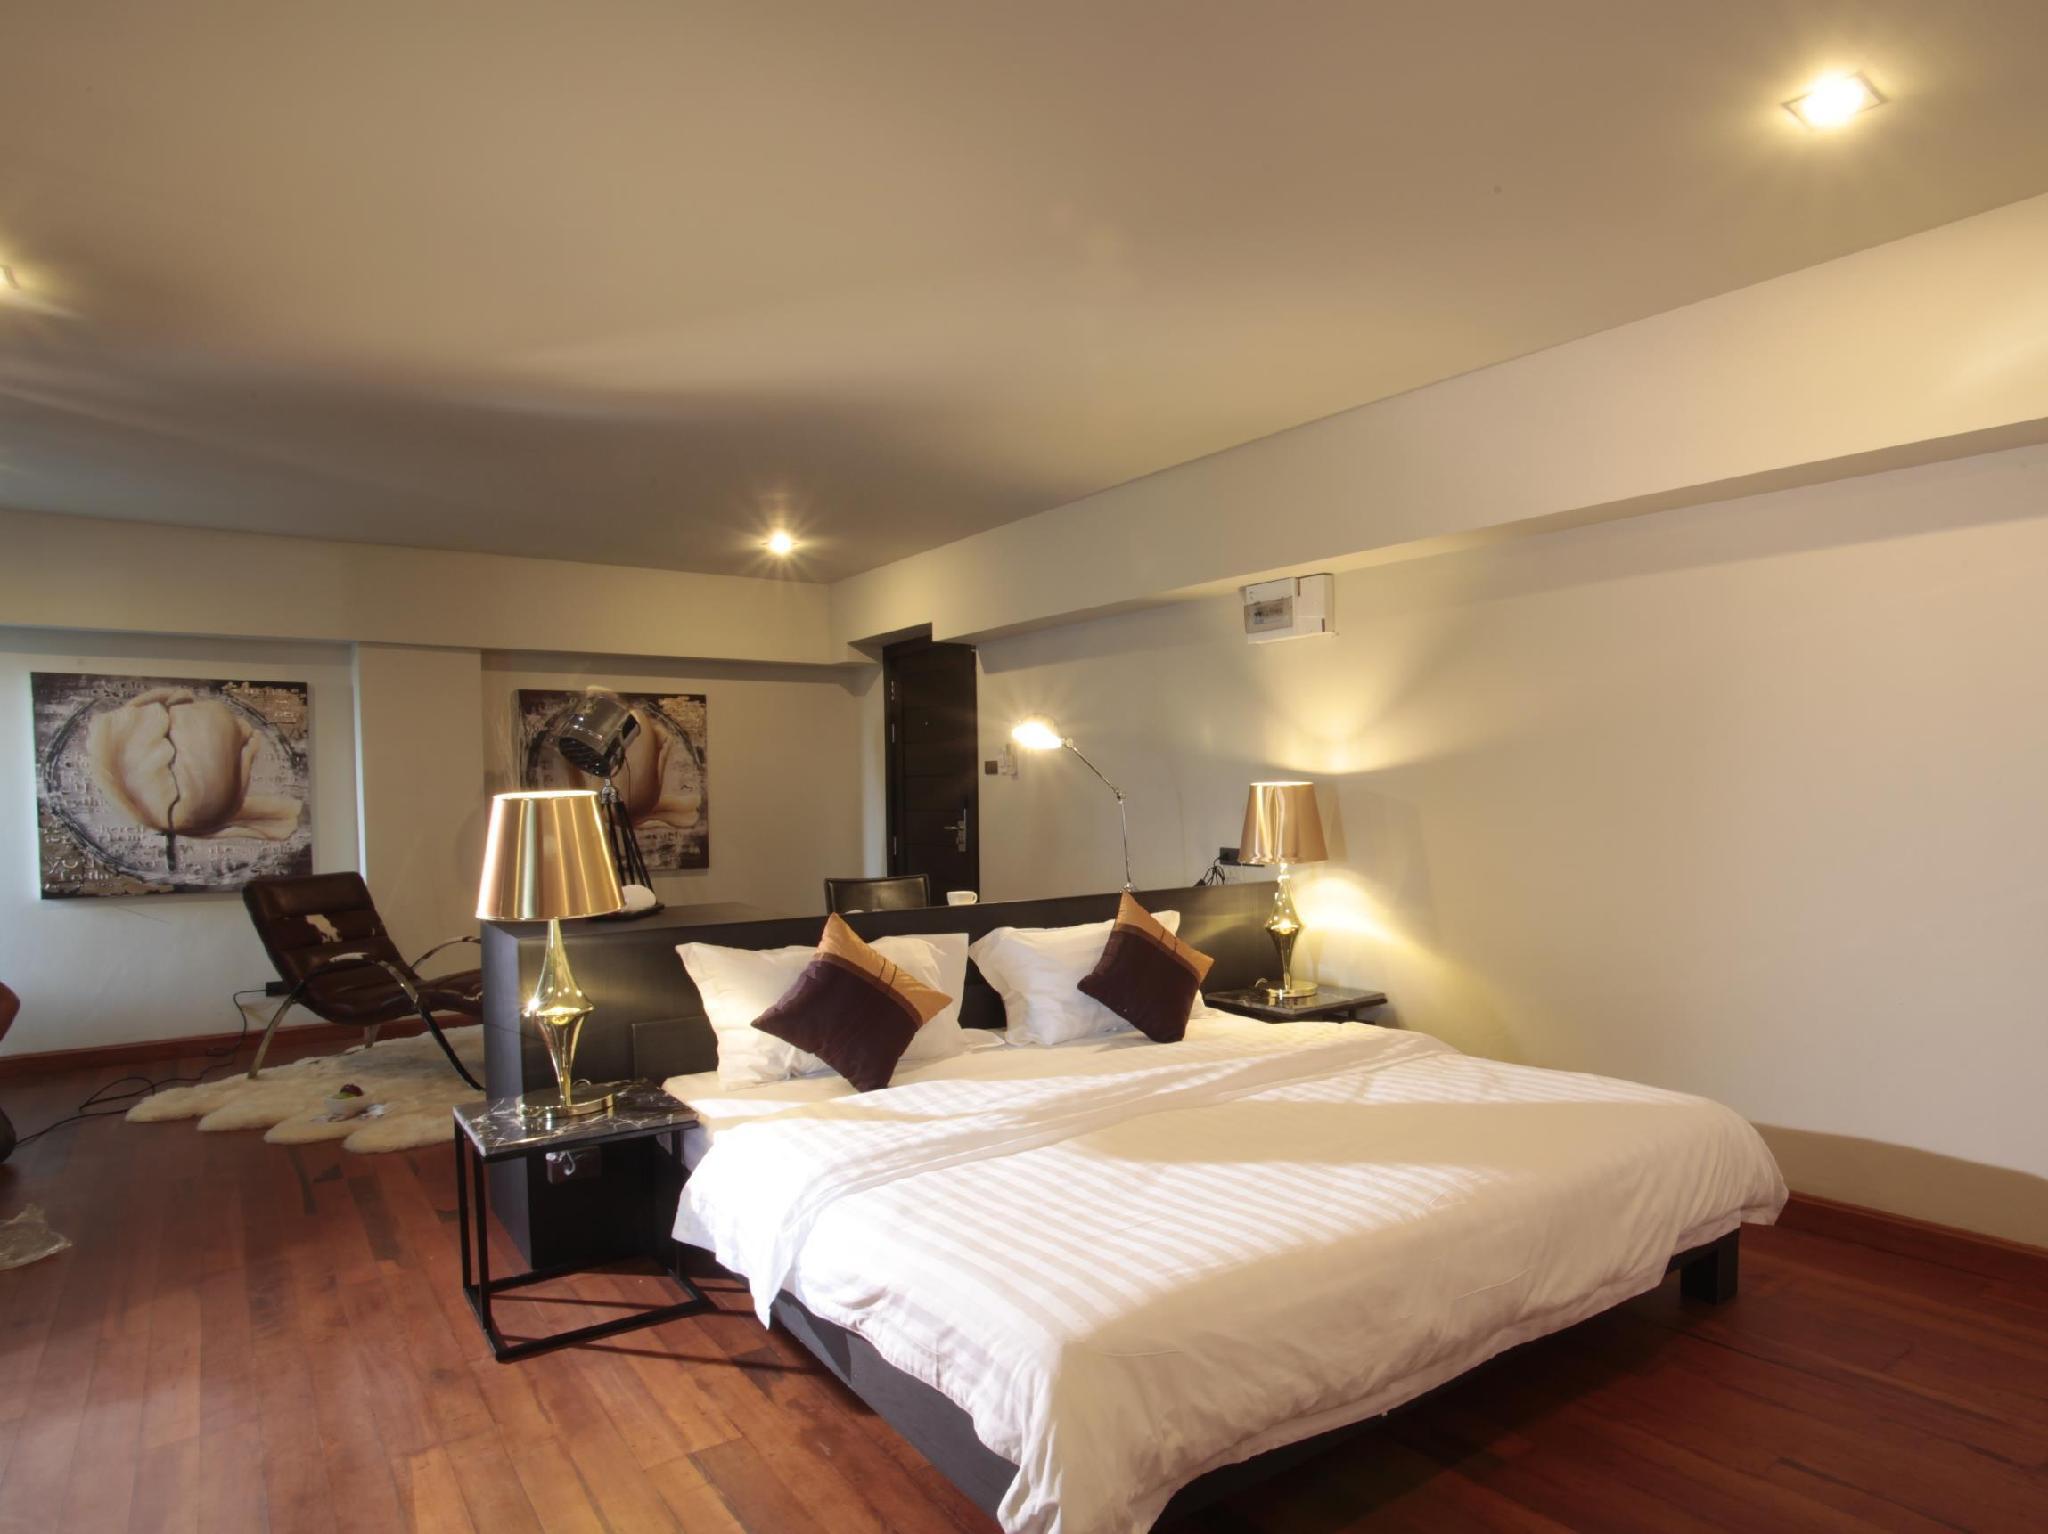 โรงแรมไดอารี่ สวีท